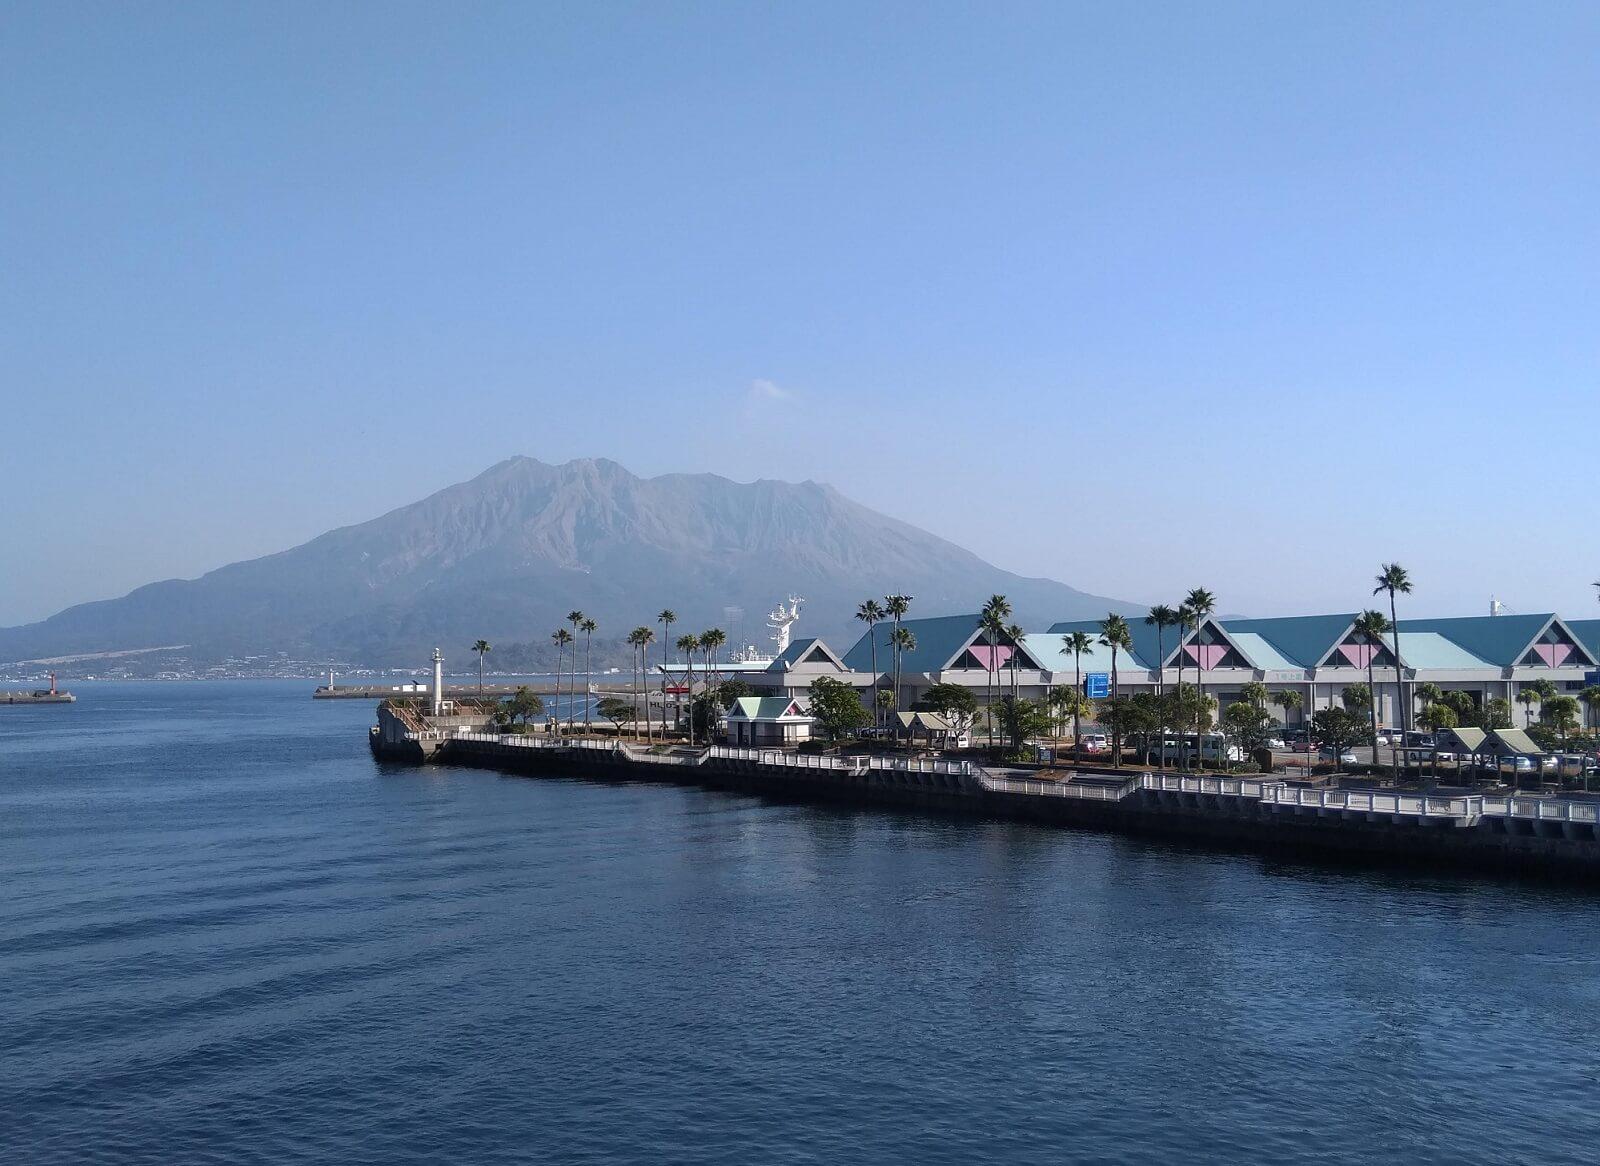 Il porto di Kagoshima, da cui partono i traghetti per Sakurajima